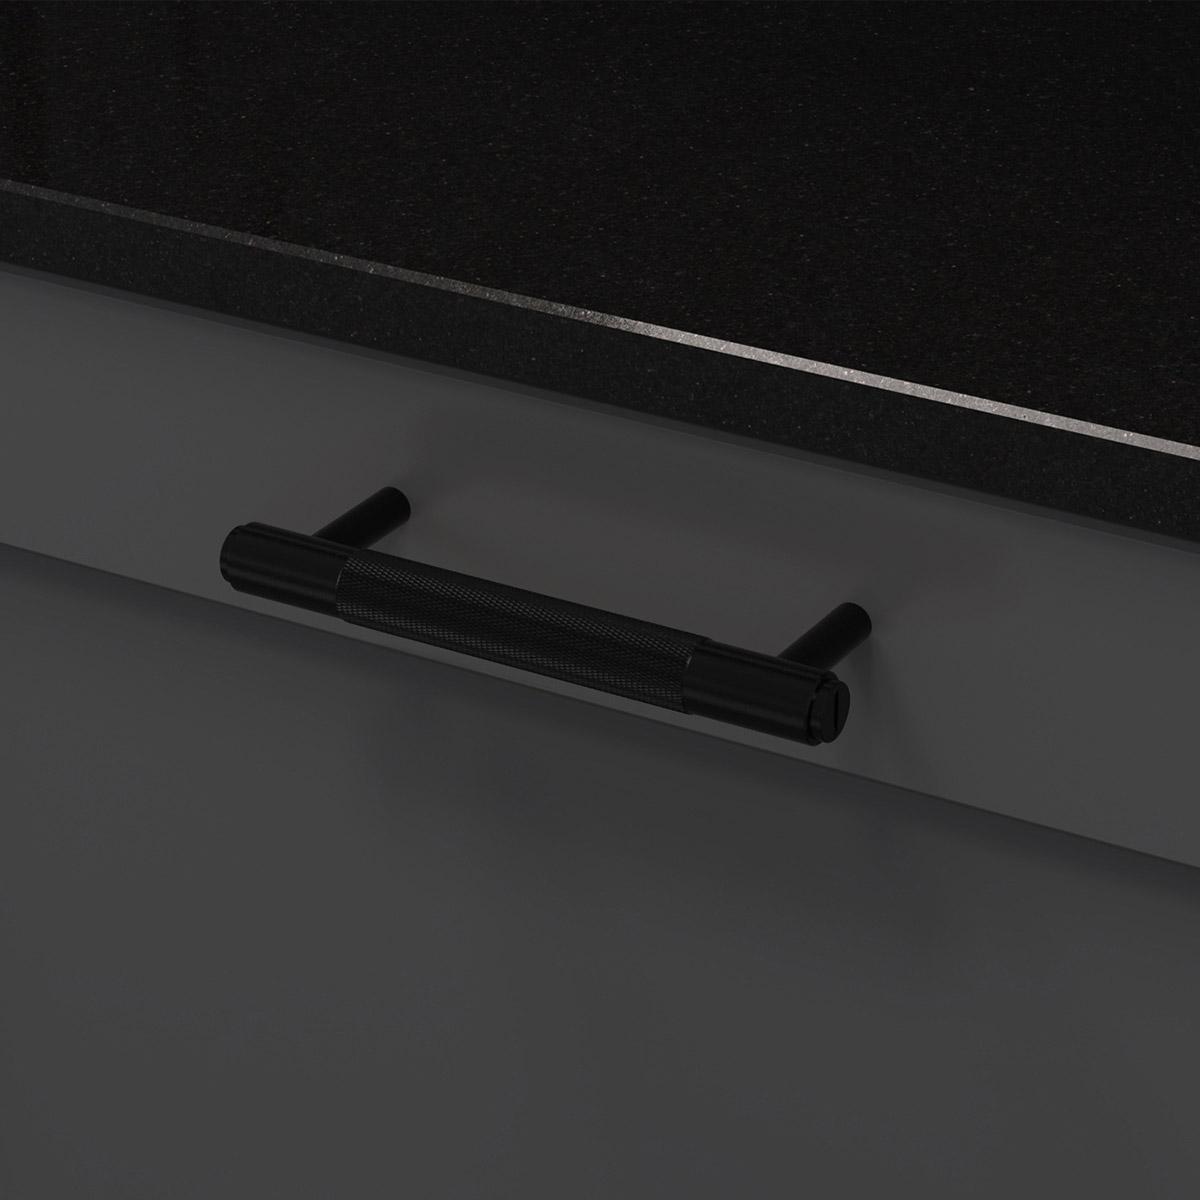 pull bar svart uk pb h 160 bl a cc 125 mm ncs s 7500 n granit svart